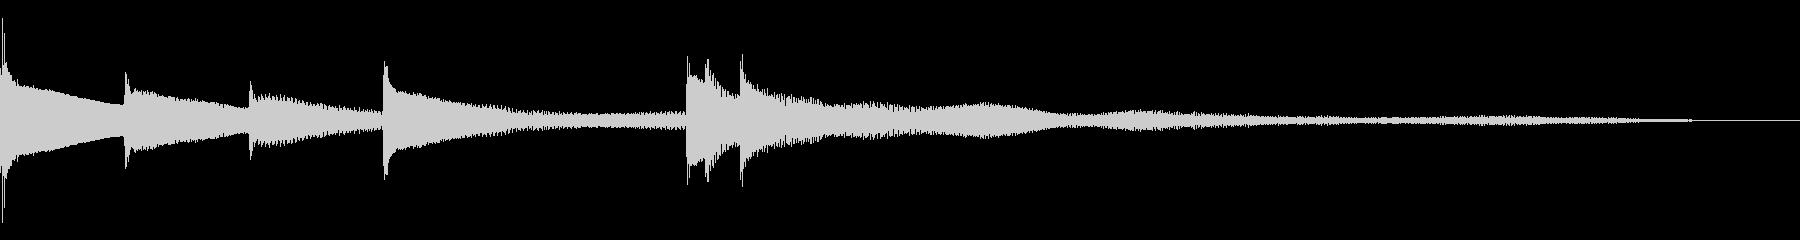 優しい旋律のピアノジングルの未再生の波形